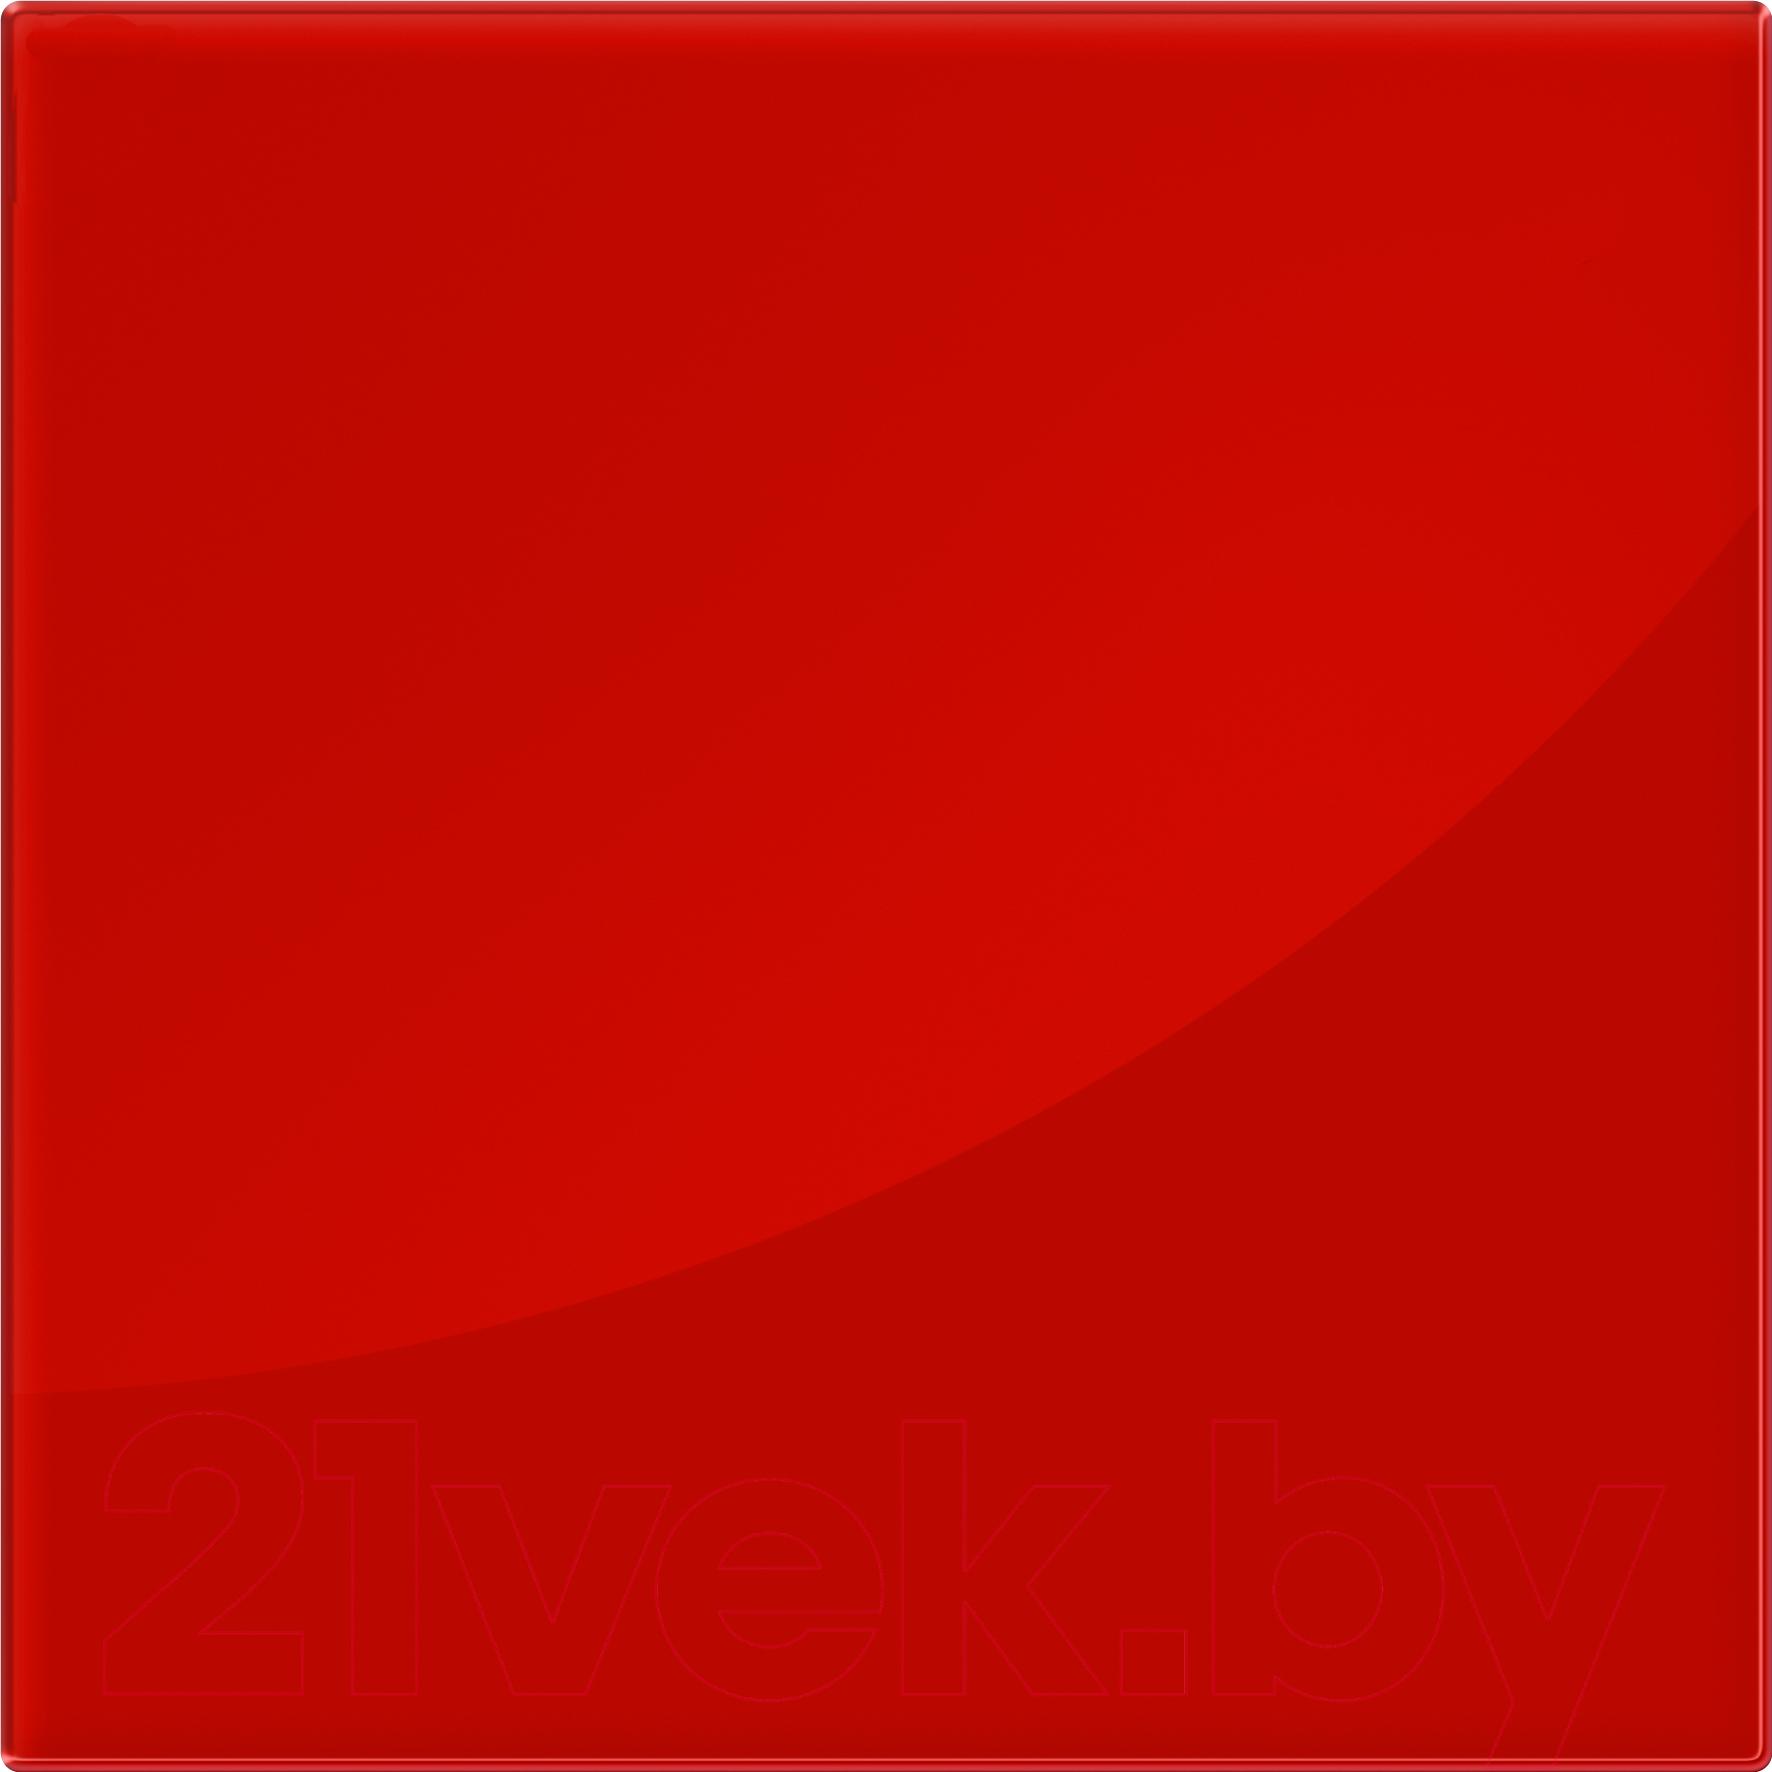 Купить Магнитно-маркерная доска 2x3, TSZ4545 R (45x45, красный), Польша